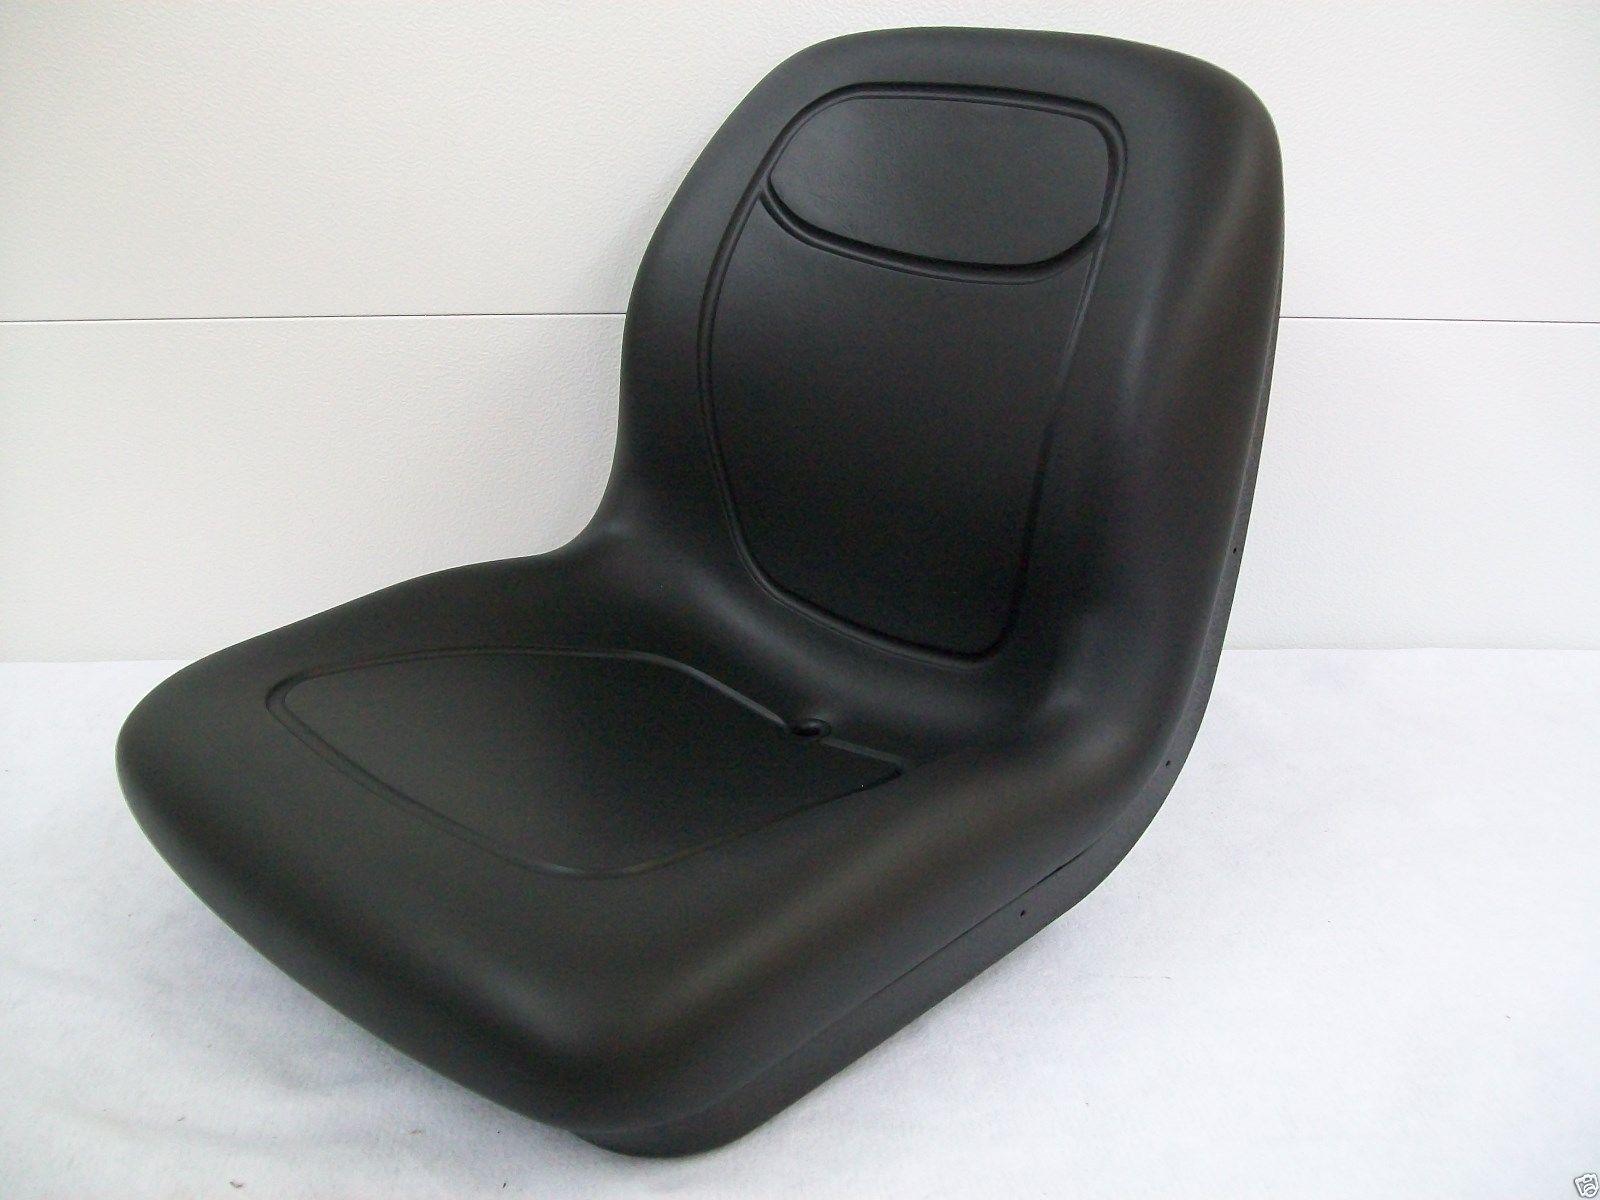 hight resolution of black seat fit kubota l2800 l3400 l4400 mx4700 mx5100 mx5000 compact tractor gg